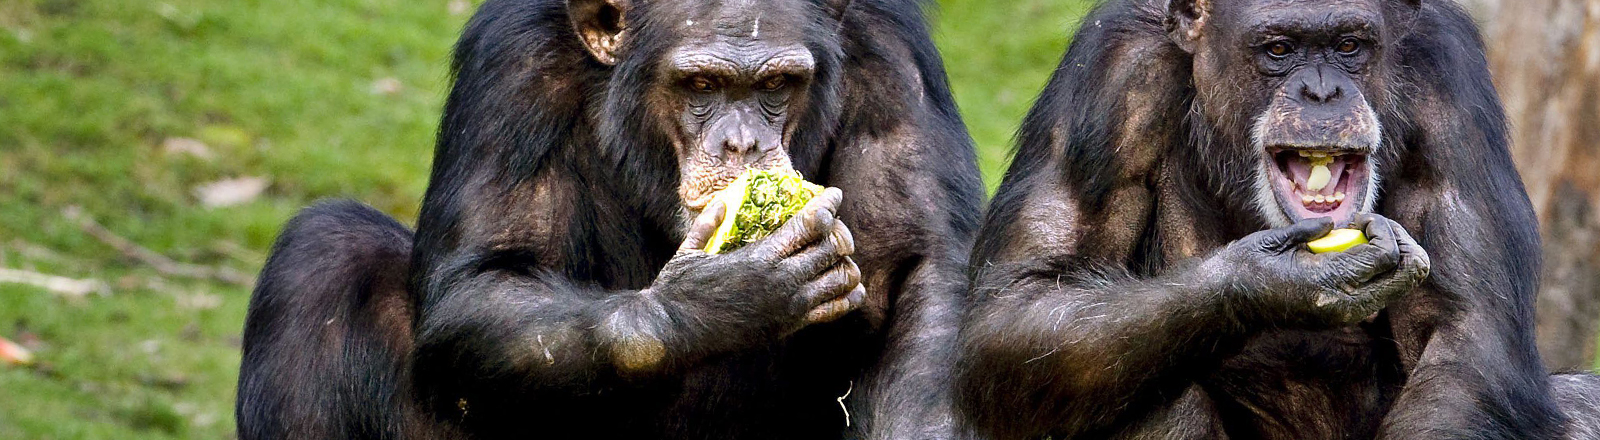 Schimpansen fressen in einem Safaripark in Hilvarenbeek, Niederlande, Obst.